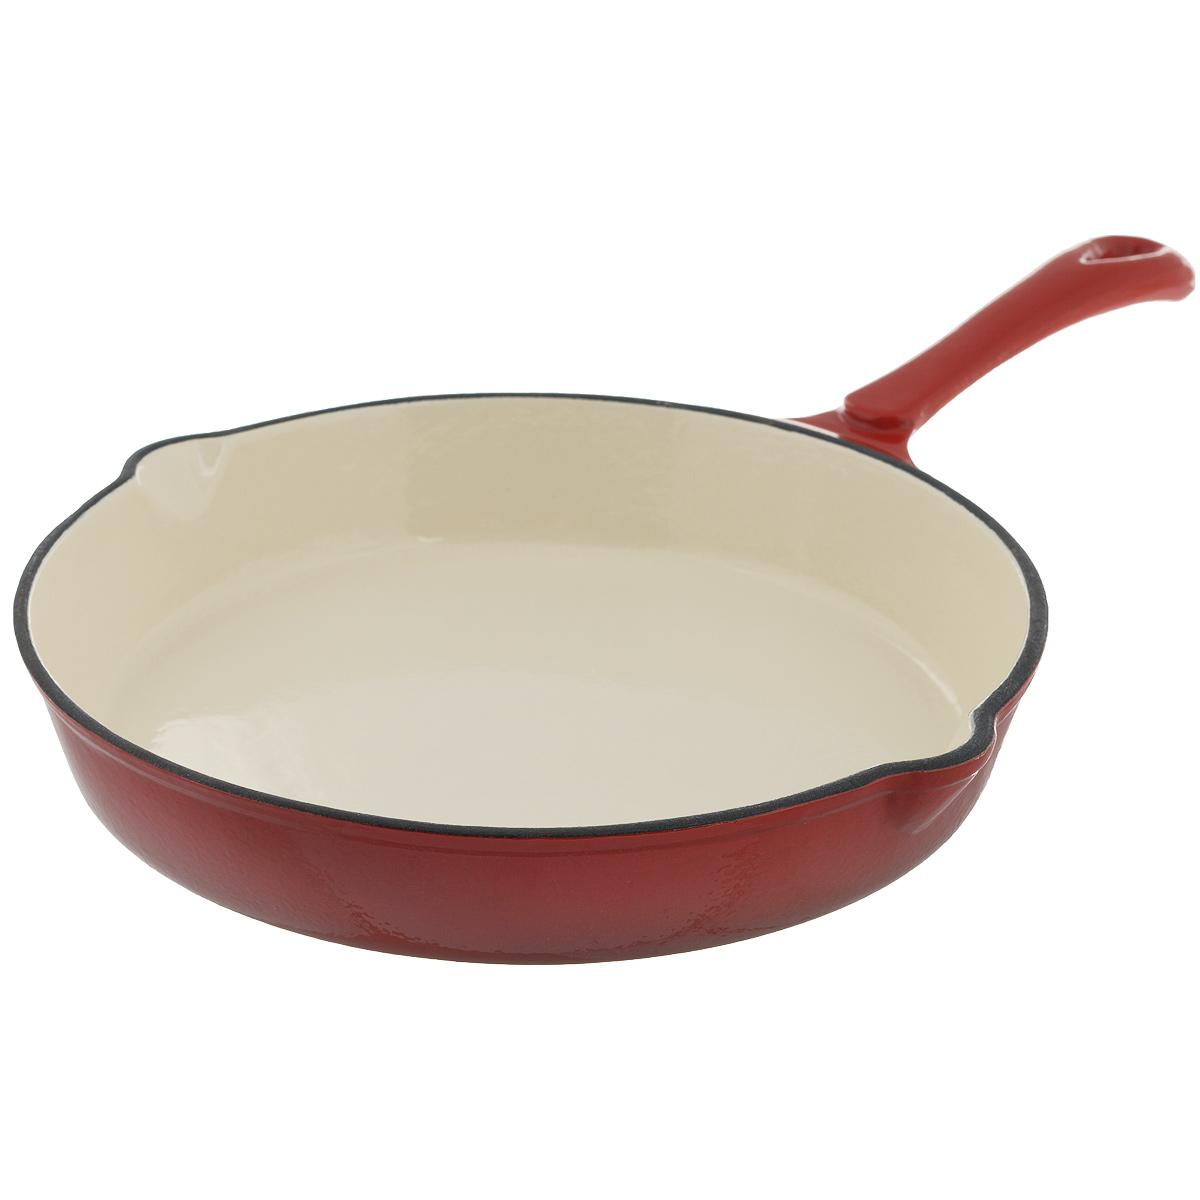 Сковорода чугунная Mayer & Boch, цвет: красный. Диаметр 25,5 см. 2205122051Сковорода Mayer & Boch выполнена из высококачественного эмалированного чугуна. Чугун - один из лучших материалов, который равномерно распределяет тепло и удерживает его. Он устойчив к механическим повреждениям и невероятно прочен. Эмаль защищает чугун от коррозии и появления ржавчины, не впитывает запахи, облегчает уход за посудой. Посуда из эмалированного чугуна идеальна для запекания, жарки, тушения, варки, томления, также может использоваться для маринования. Сковорода имеет и внутреннее, и внешнее эмалированное покрытие. Внешнее покрытие цветное, что придает посуде эстетичный внешний вид. Изделие оснащено двумя носиками для удобного слива жидкости. Длинная ручка обеспечивает безопасное использование. Сковорода подходит для использования на всех типах плит, включая индукционные. Можно использовать в духовке, а также мыть в посудомоечной машине. Высота стенки: 4 см. Толщина стенки: 4 мм. Толщина дна: 4 мм. Длина ручки: 17 см.